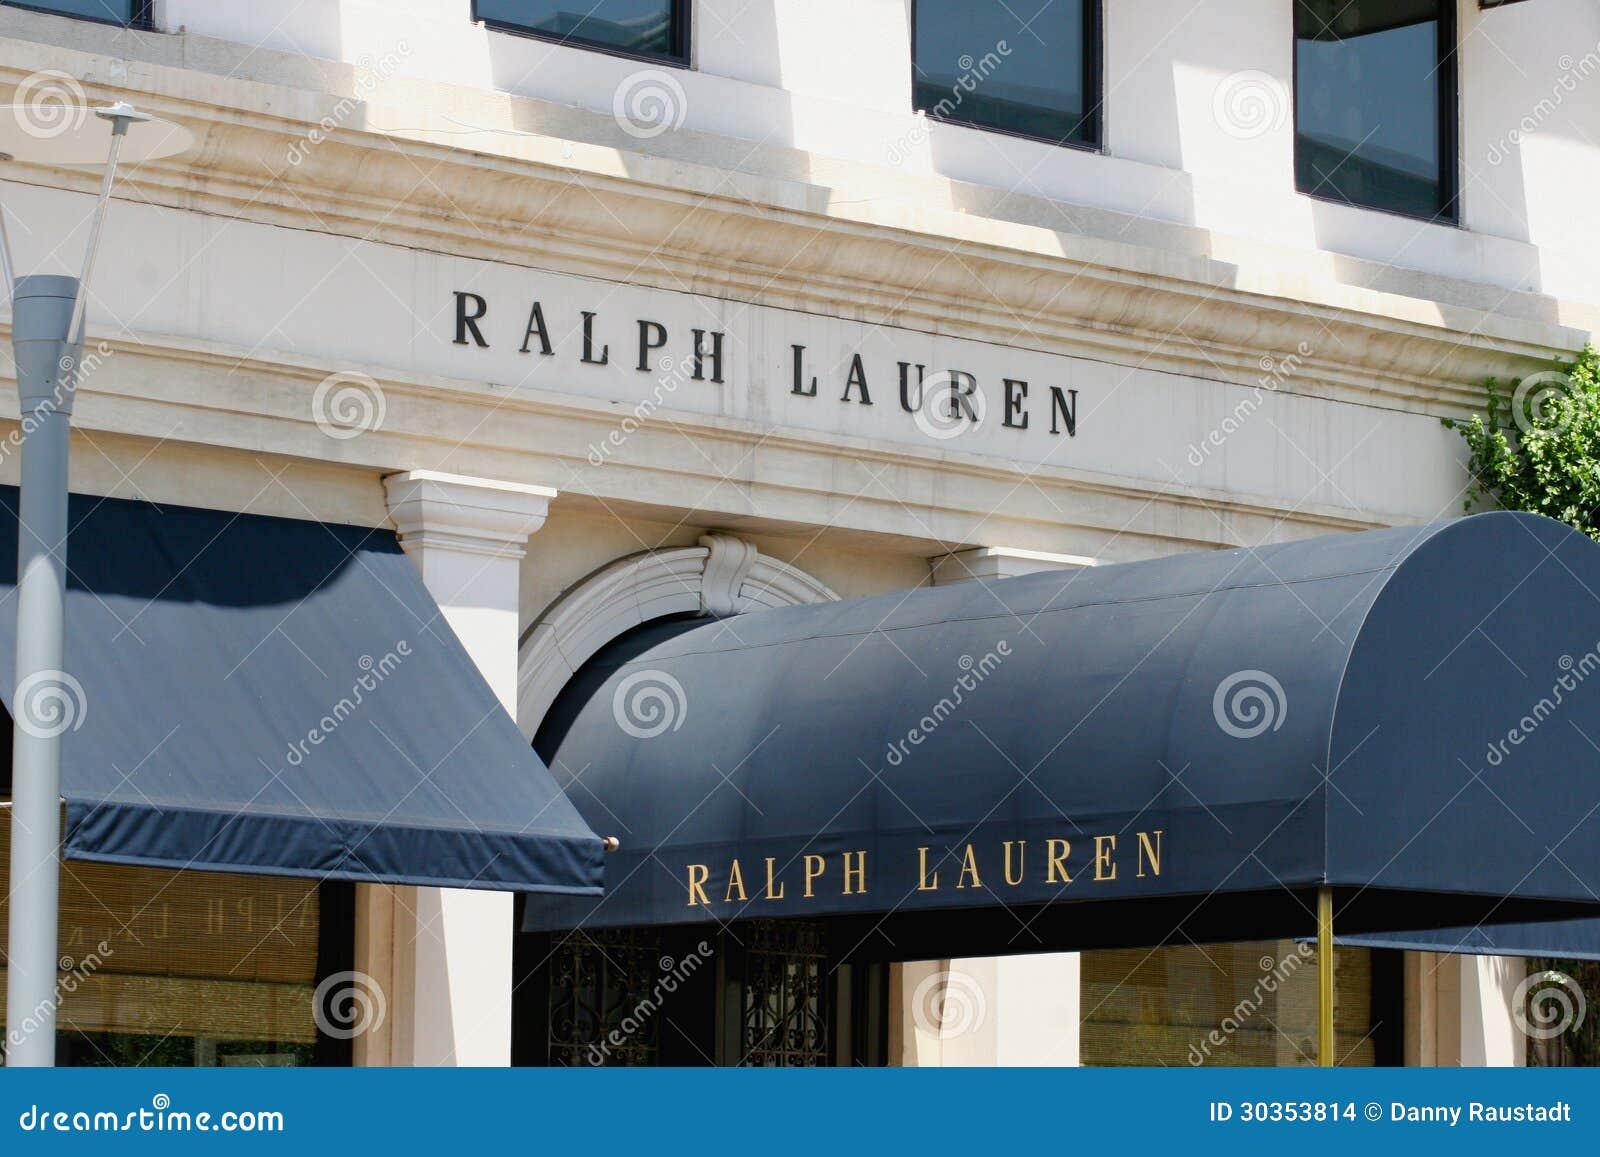 owner of ralph lauren ralph lauren clothing store